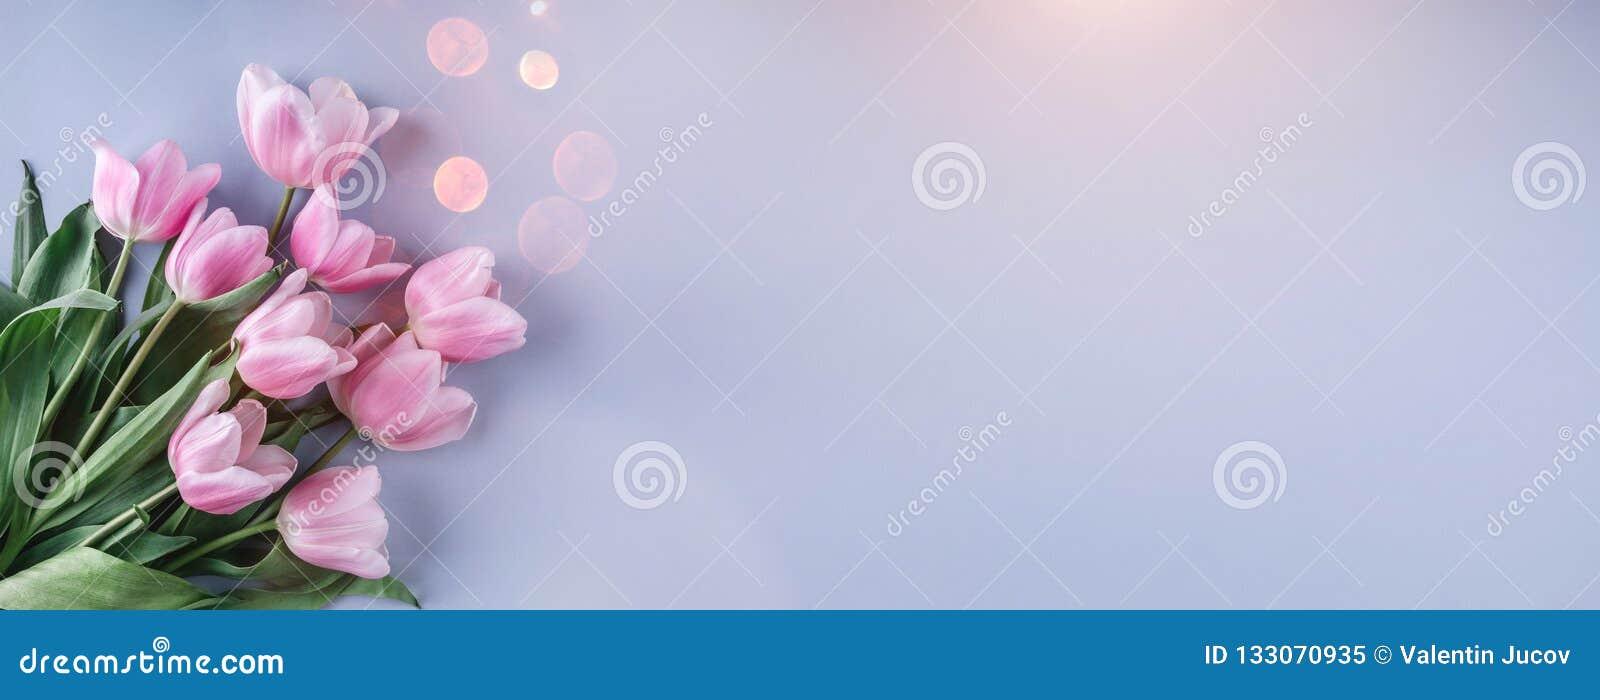 桃红色郁金香花束开花在浅兰的背景 贺卡或婚礼邀请